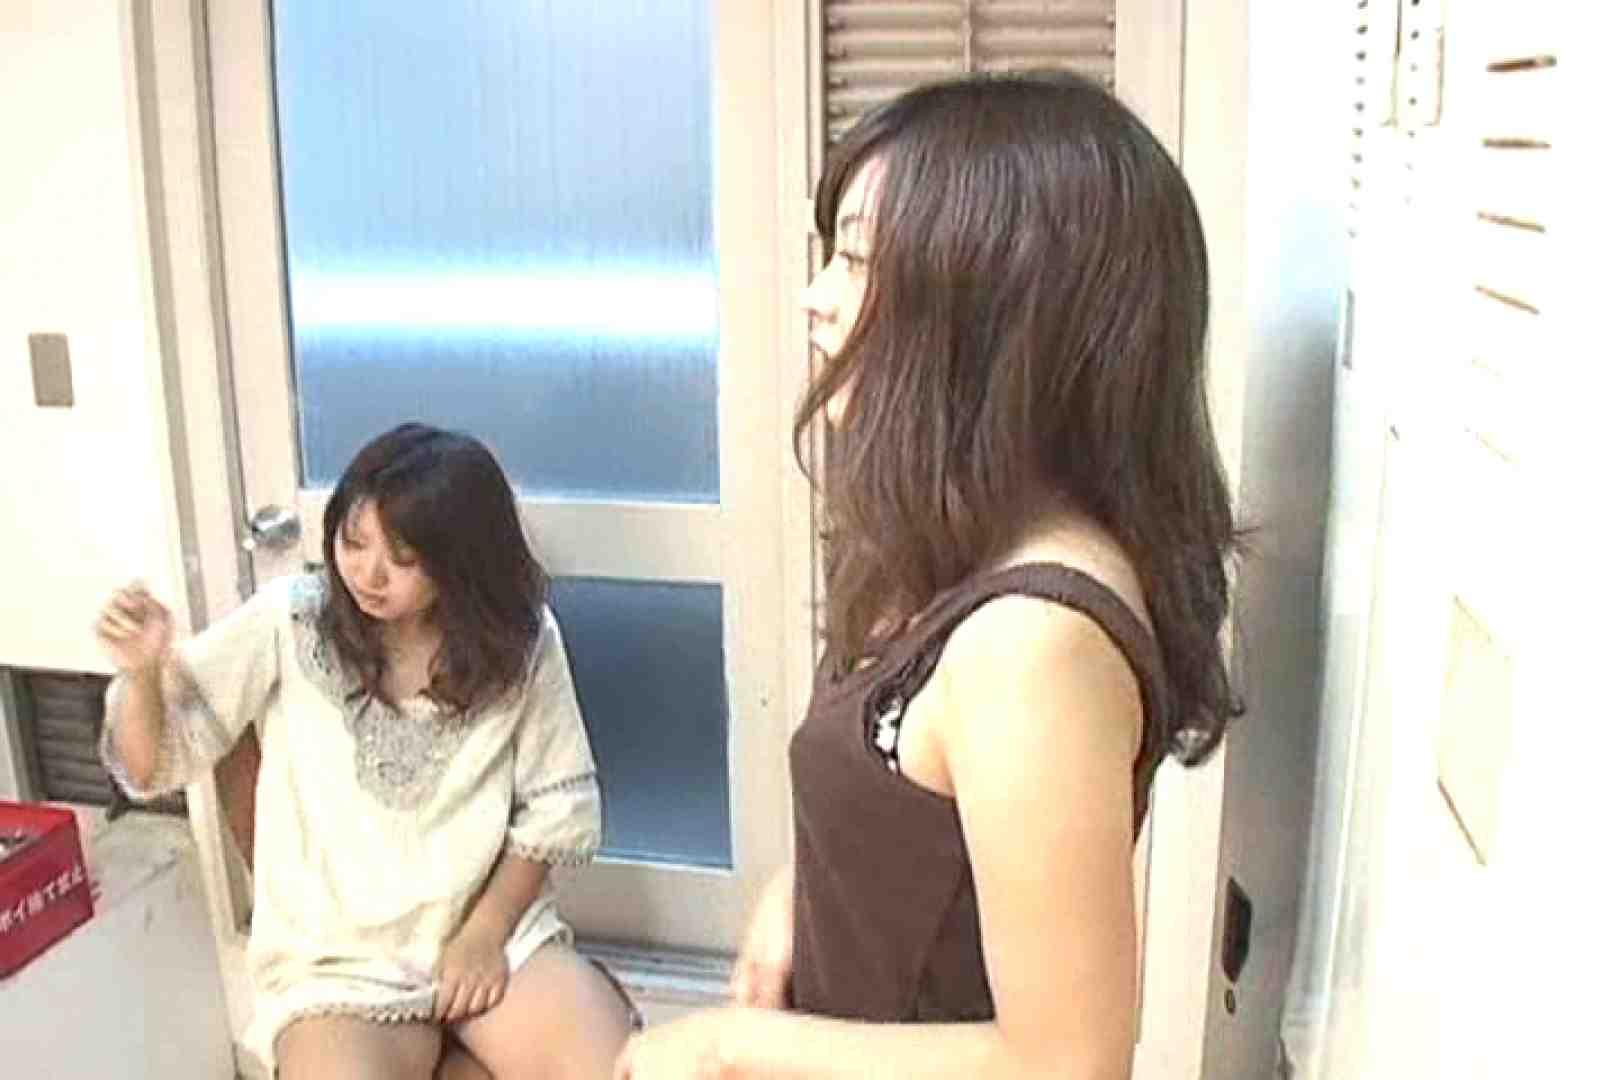 キャバ嬢舞台裏Vol.3 OLヌード天国 隠し撮りオマンコ動画紹介 56PIX 2